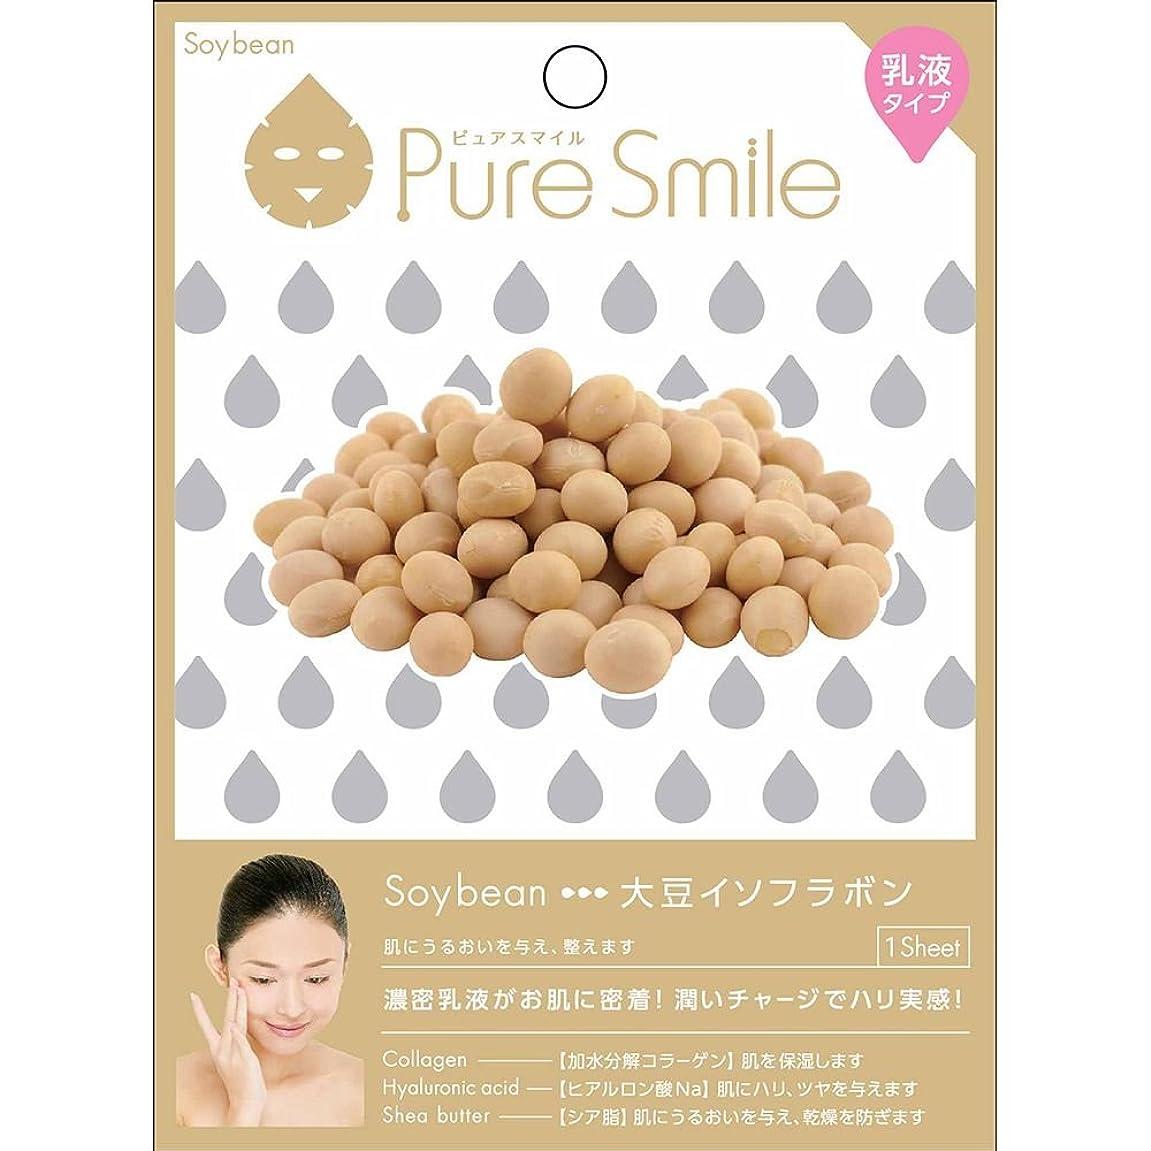 コミット資本主義いたずらPure Smile(ピュアスマイル) 乳液エッセンスマスク 1 枚 大豆イソフラボン